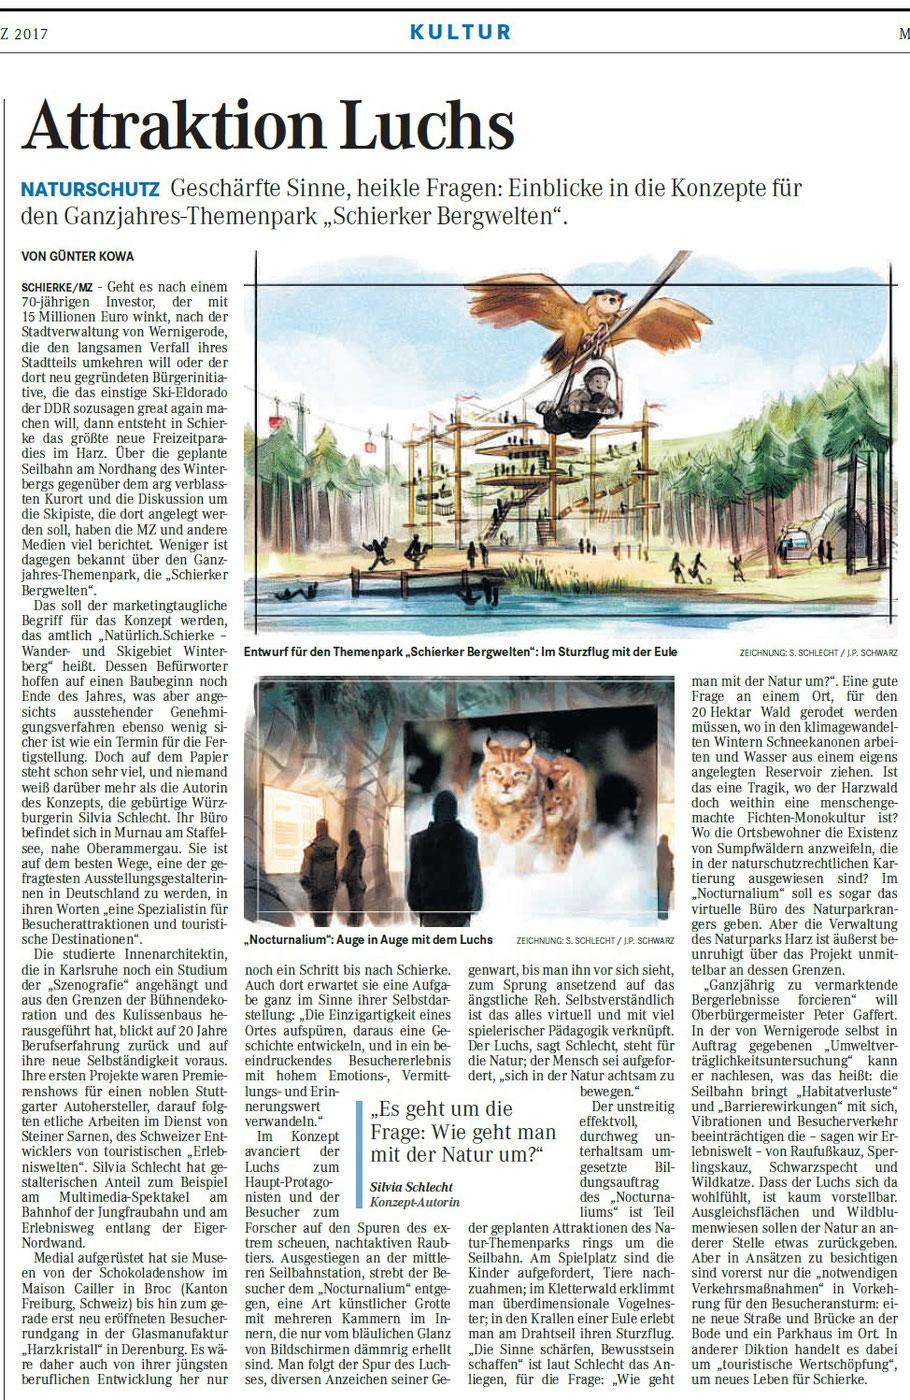 Mitteldeutsche Zeitung, Resort Kultur, 09.03.2017